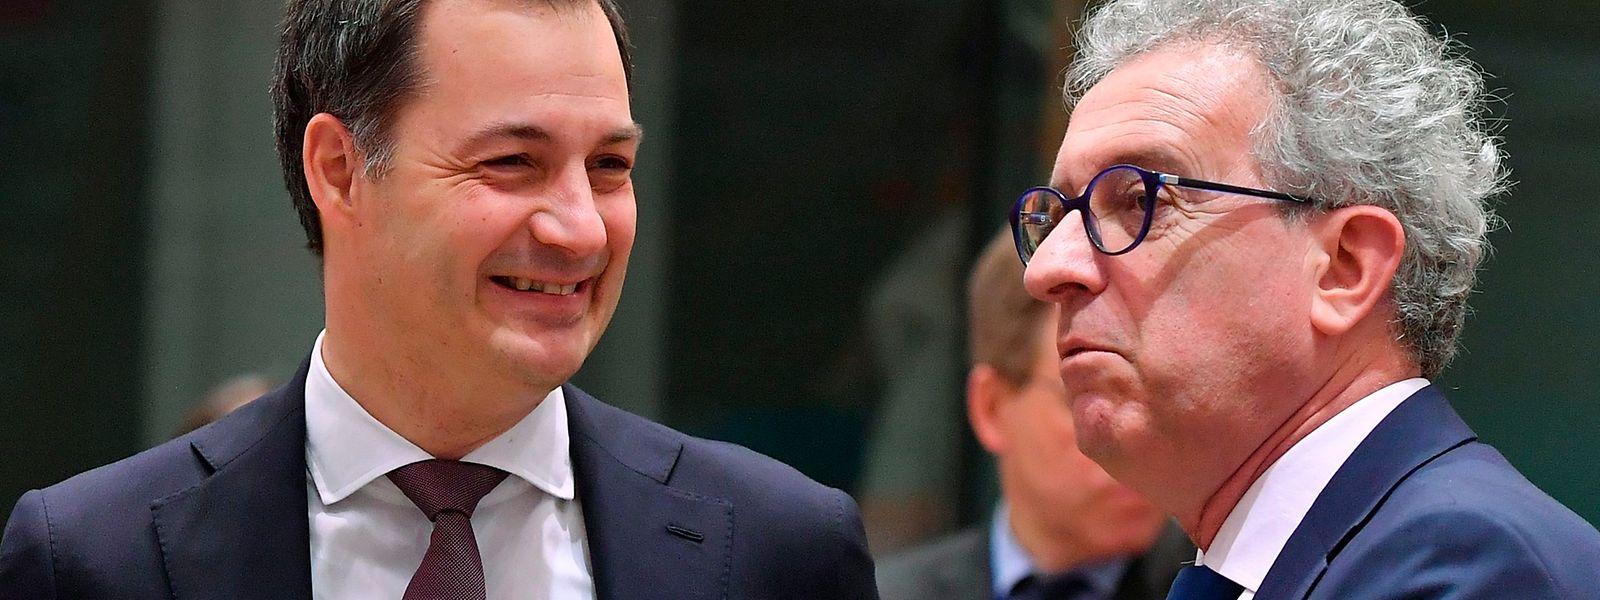 Pierre Gramegna (R) im Gespräch mit seinem belgischen Amtskollegen Alexander De Croo.